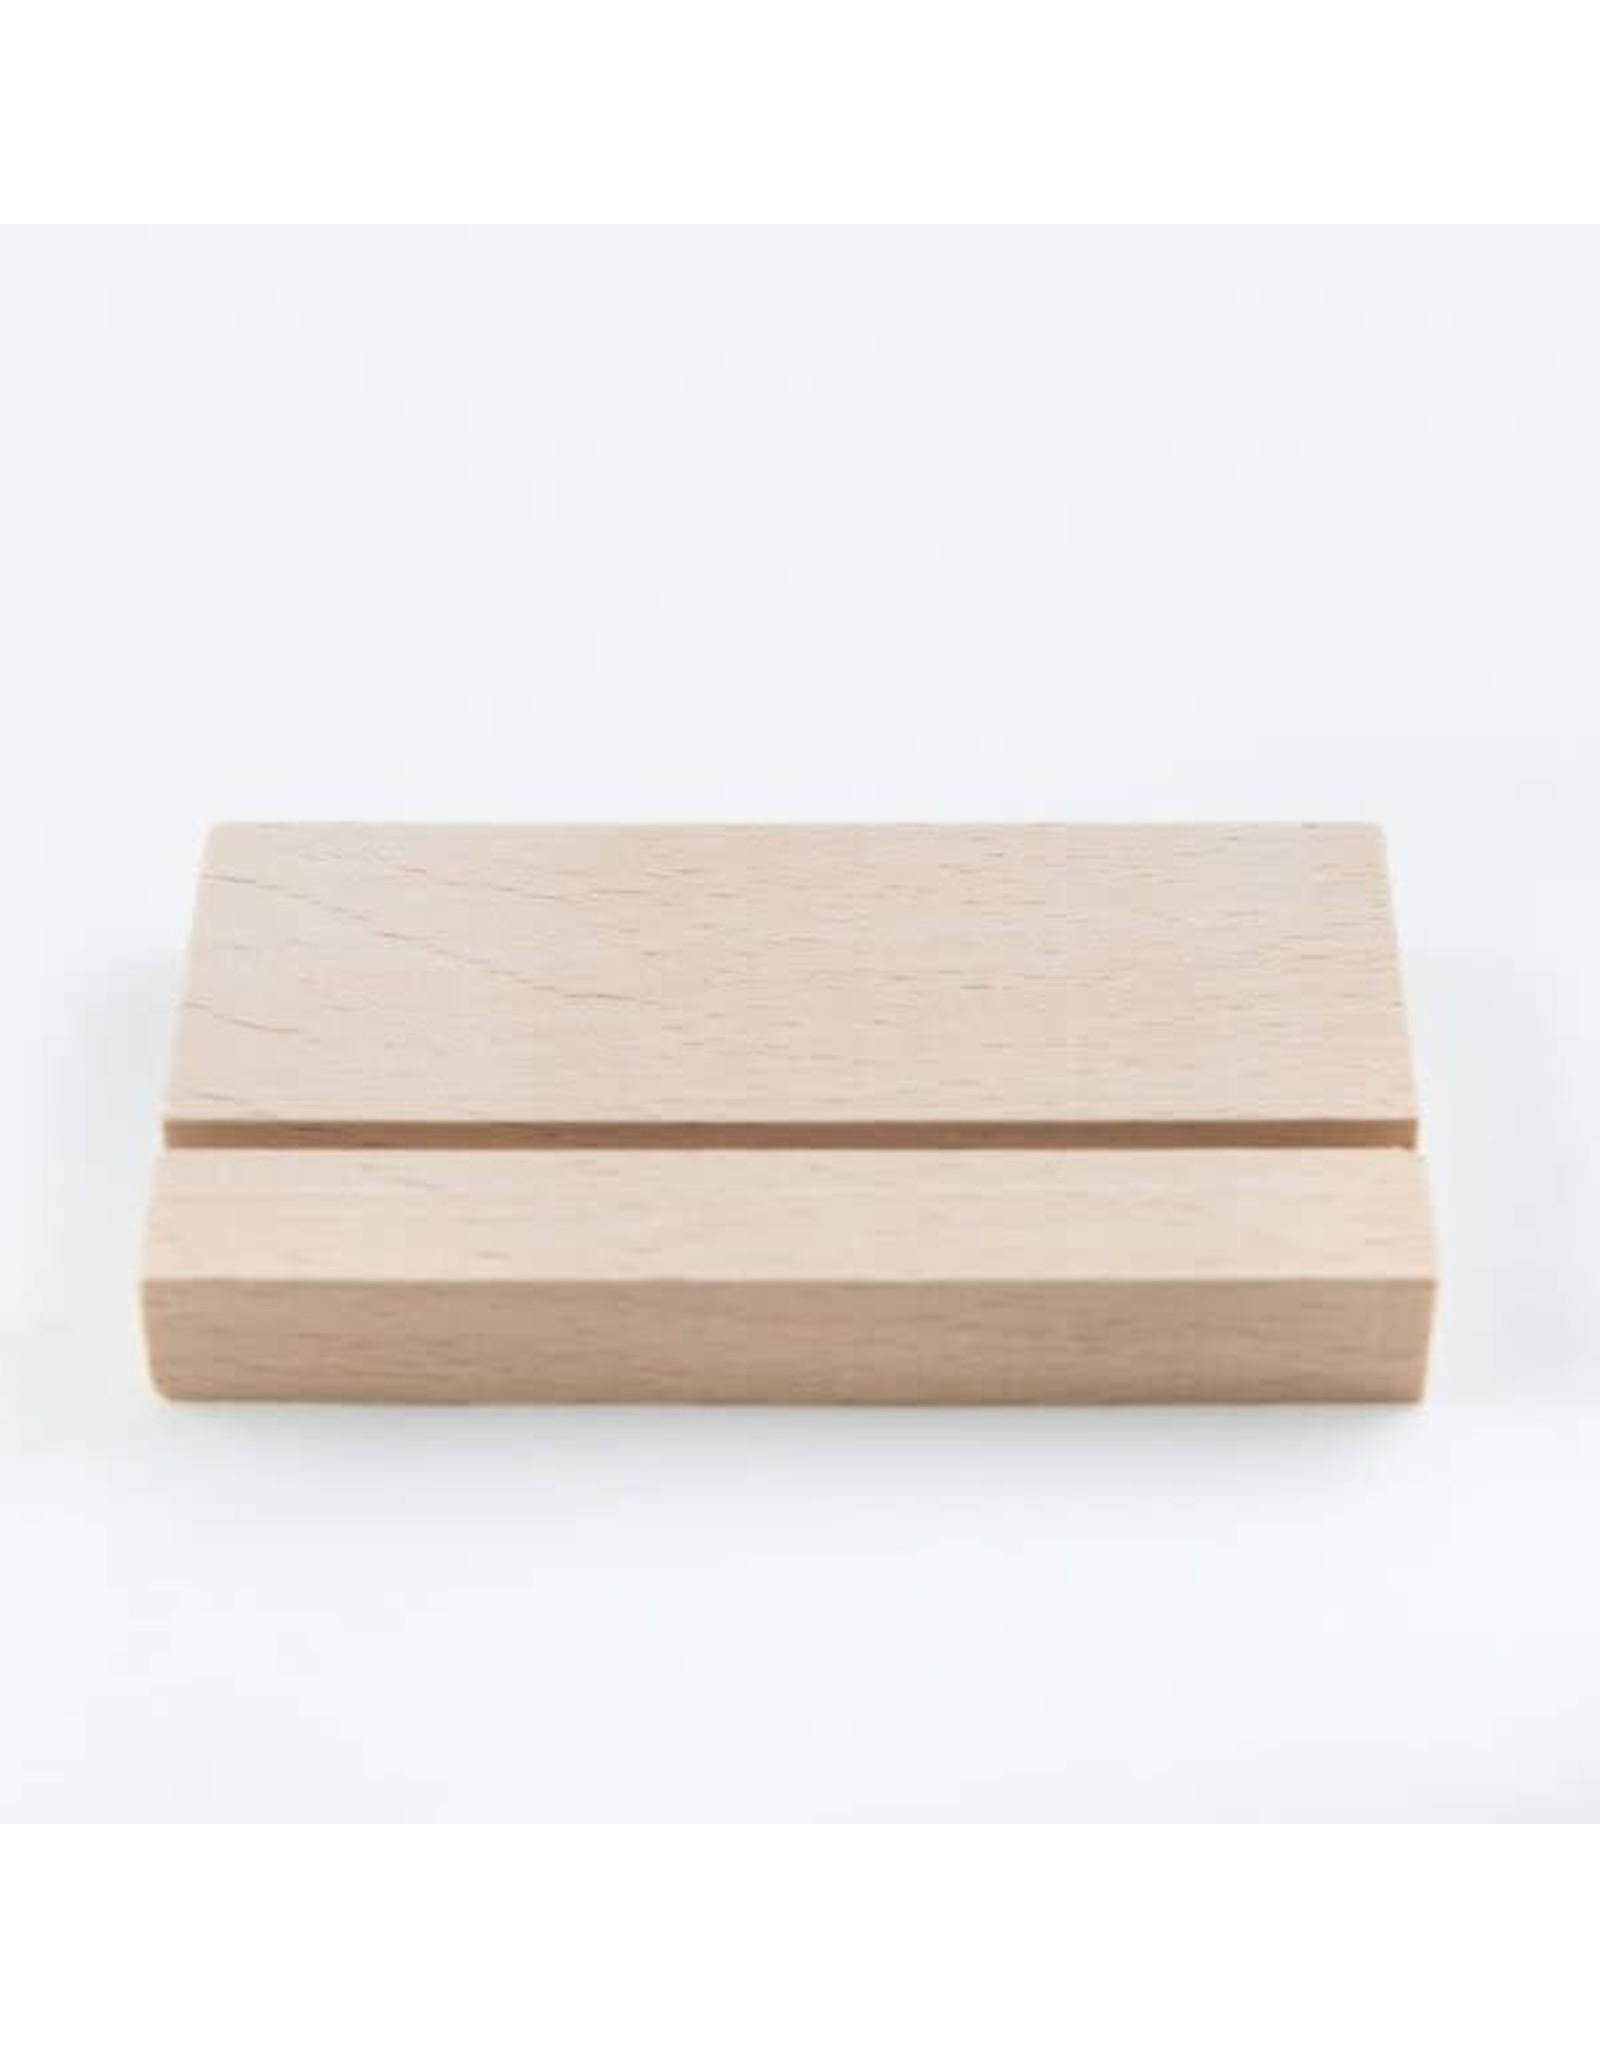 Studio Flash Wooden display - 5,5x10,5cm